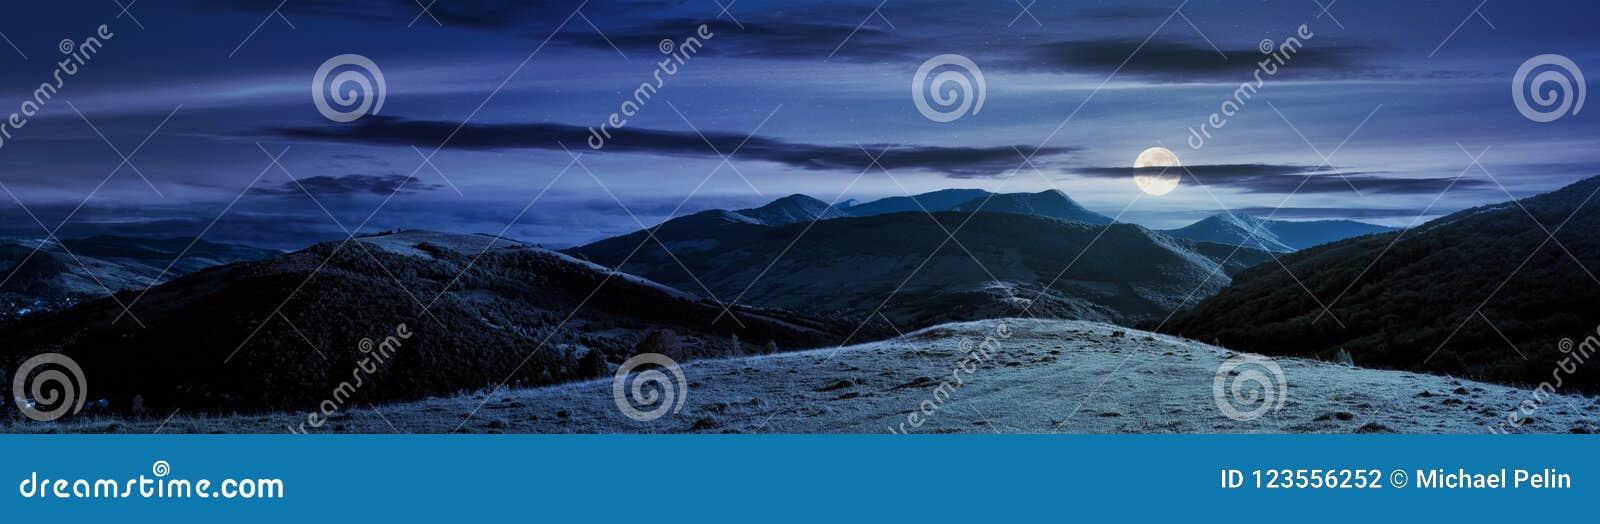 Панорама гористой сельской местности на ноче